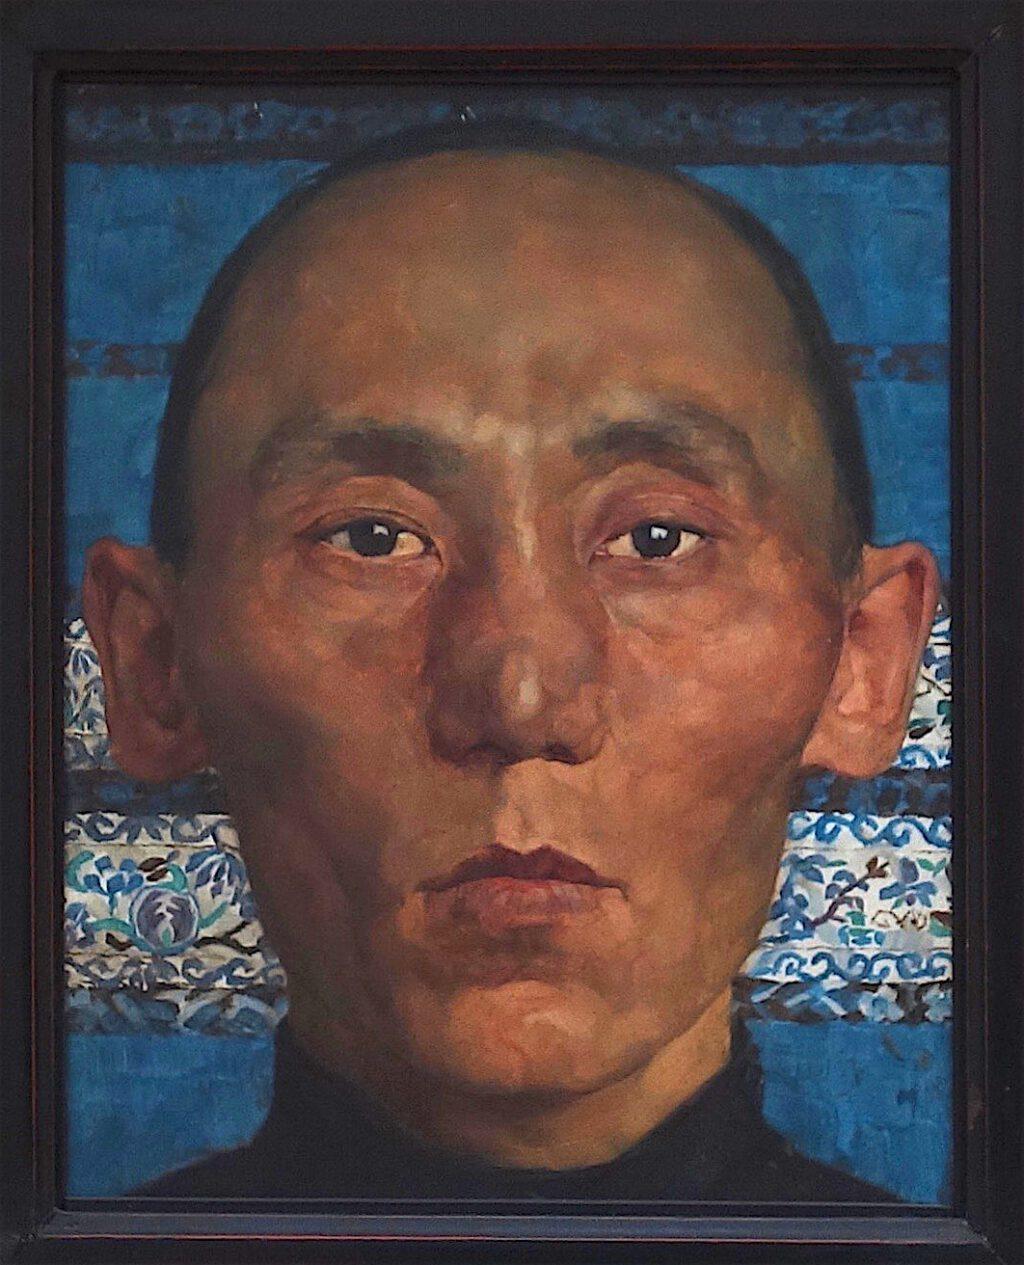 ロッテ・ラーゼルシュタイン「モンゴル人」木材に油彩、27.1 x 21.8 センチ、約1927年